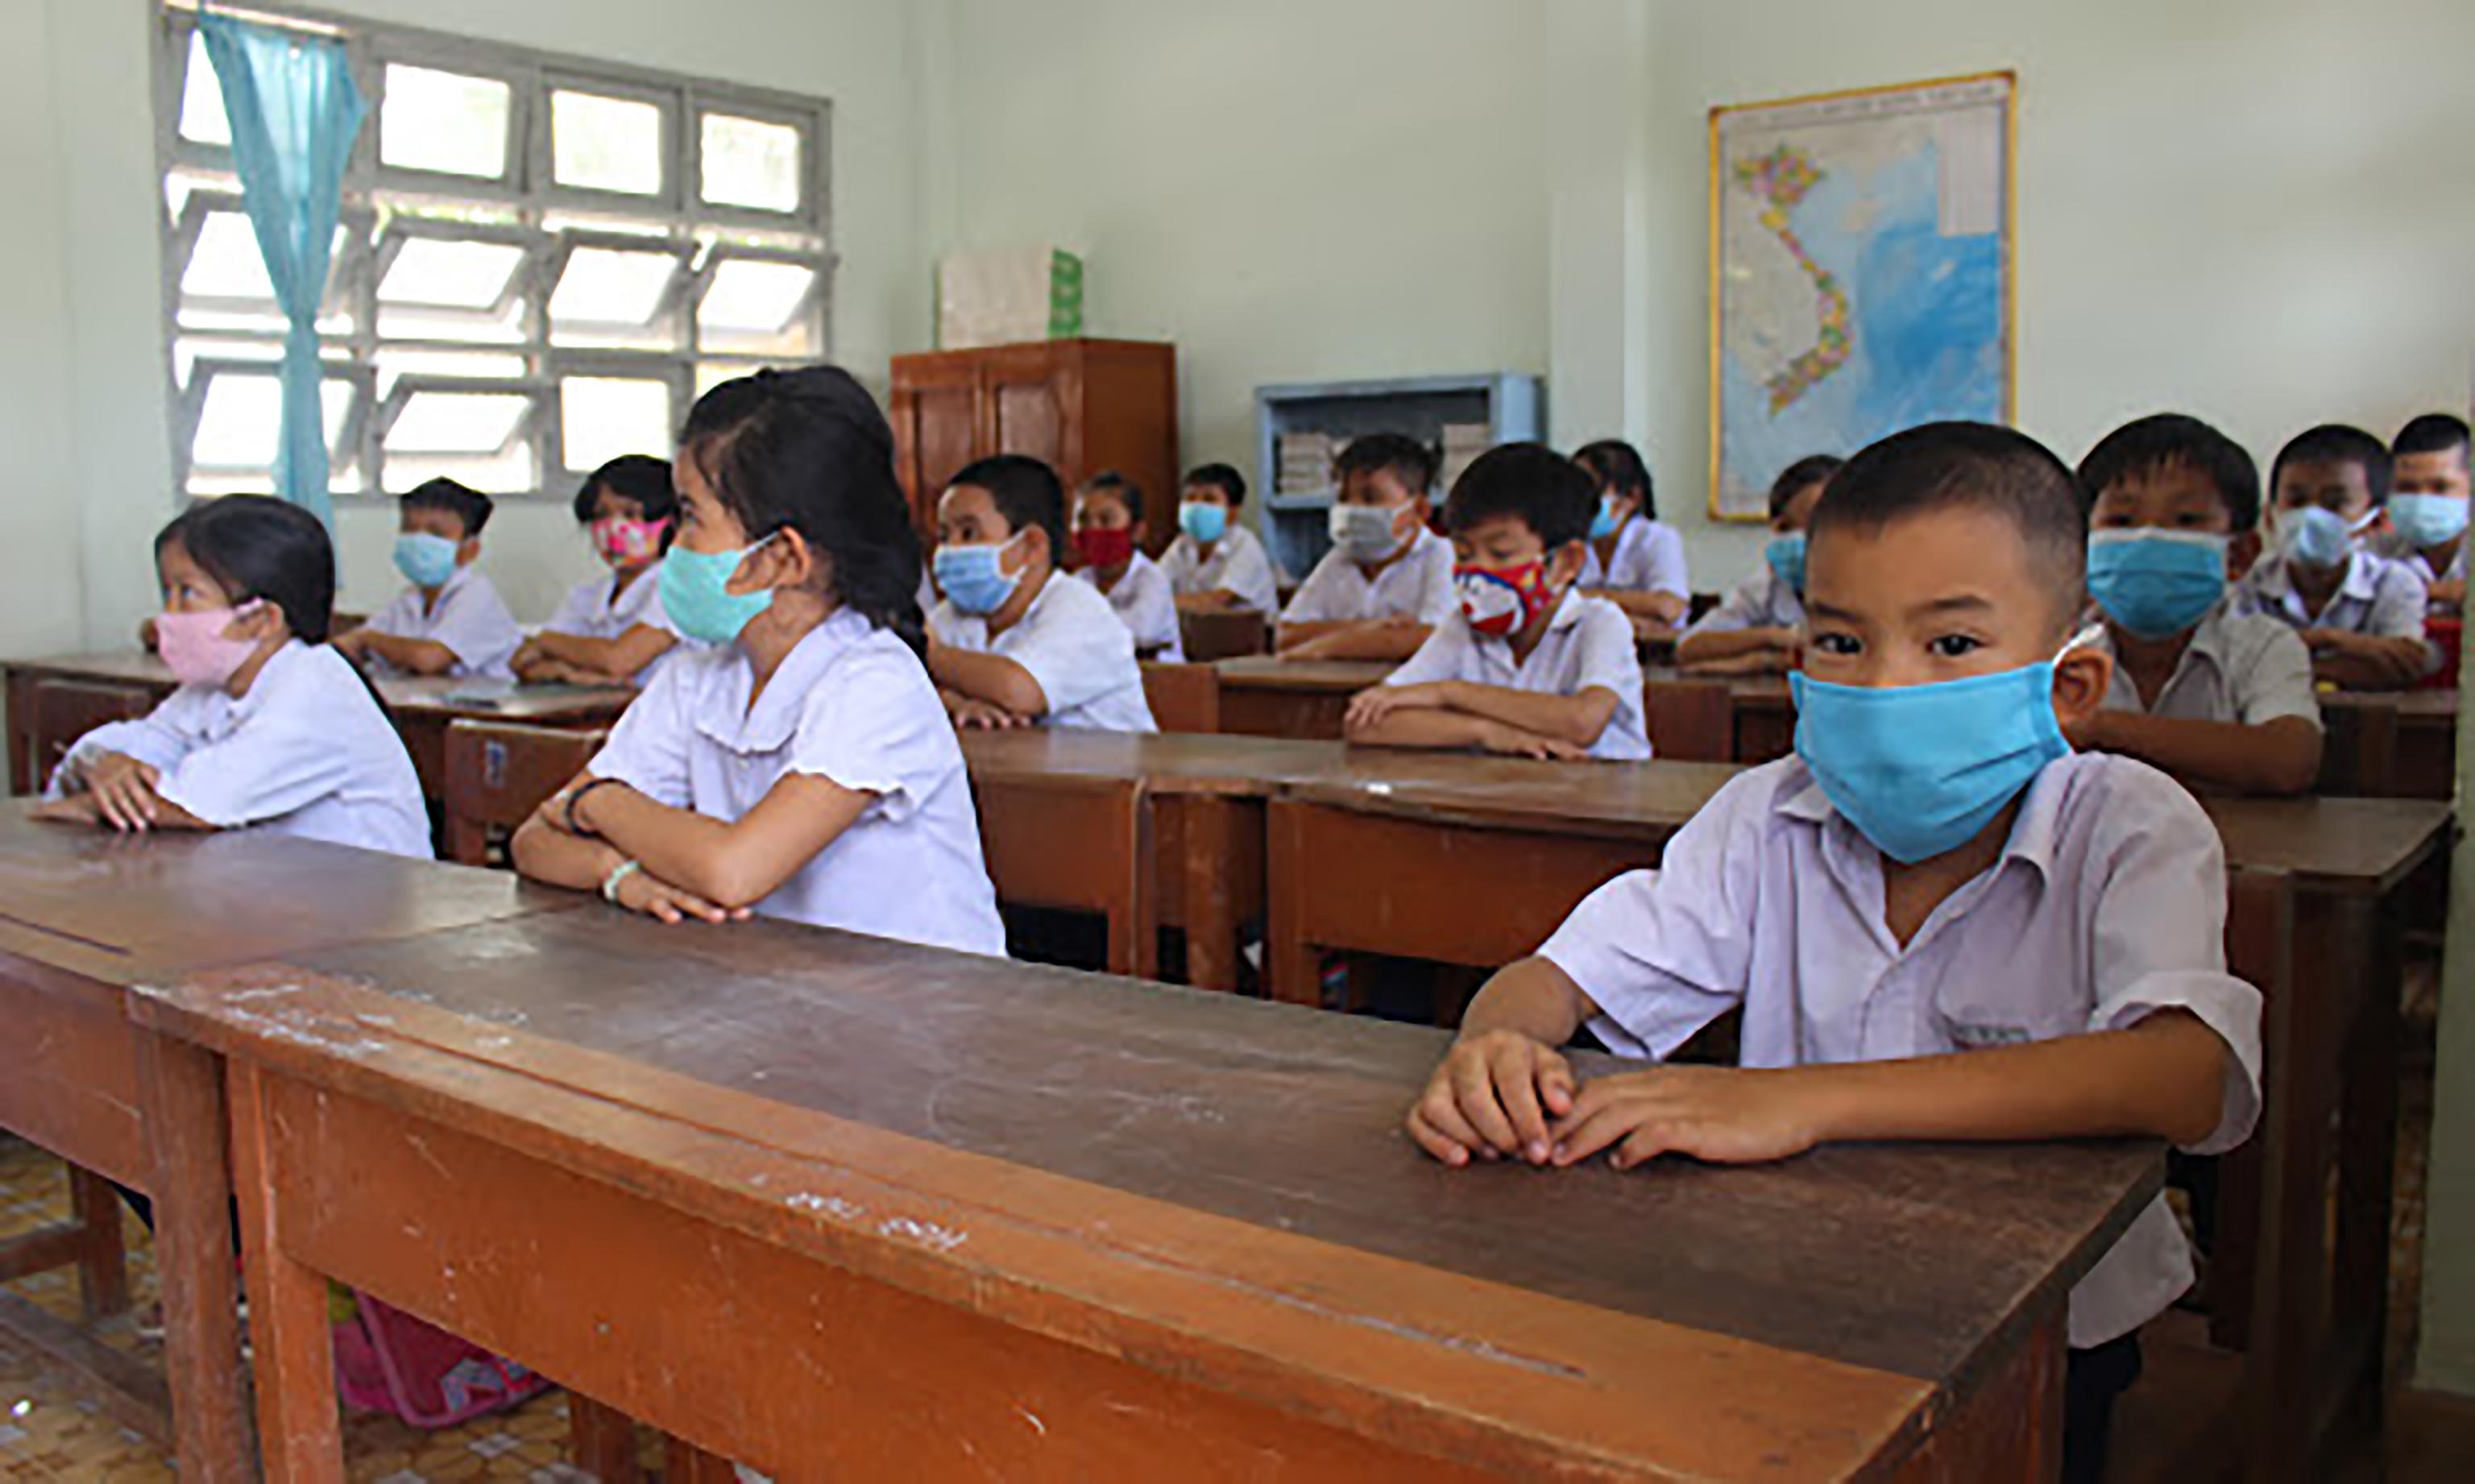 Thêm 1 tỉnh cho học sinh từ lớp 1 đến 11 nghỉ học để tránh dịch, riêng mầm non và lớp 12 có ngoại lệ như sau - Ảnh 2.